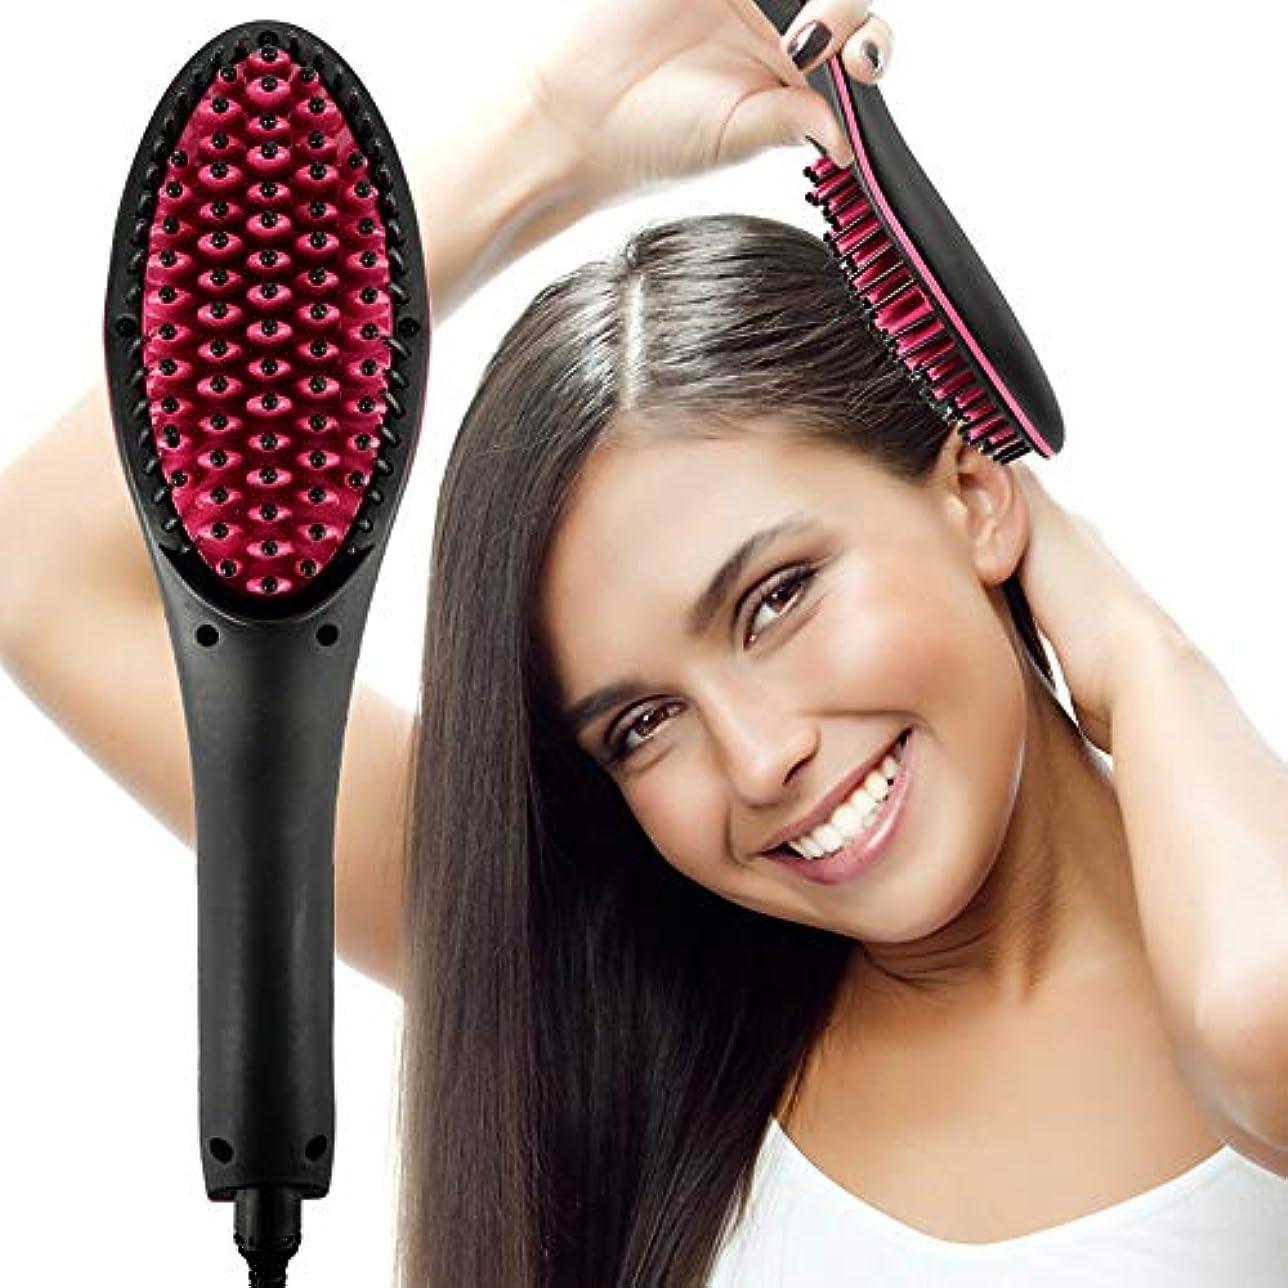 舌な抽象上昇電気毛矯正ブラシセラミック高速加熱電気ブラシくし鉄ディスプレイすべての髪型に適したアンチスカルド効果的な髪くし